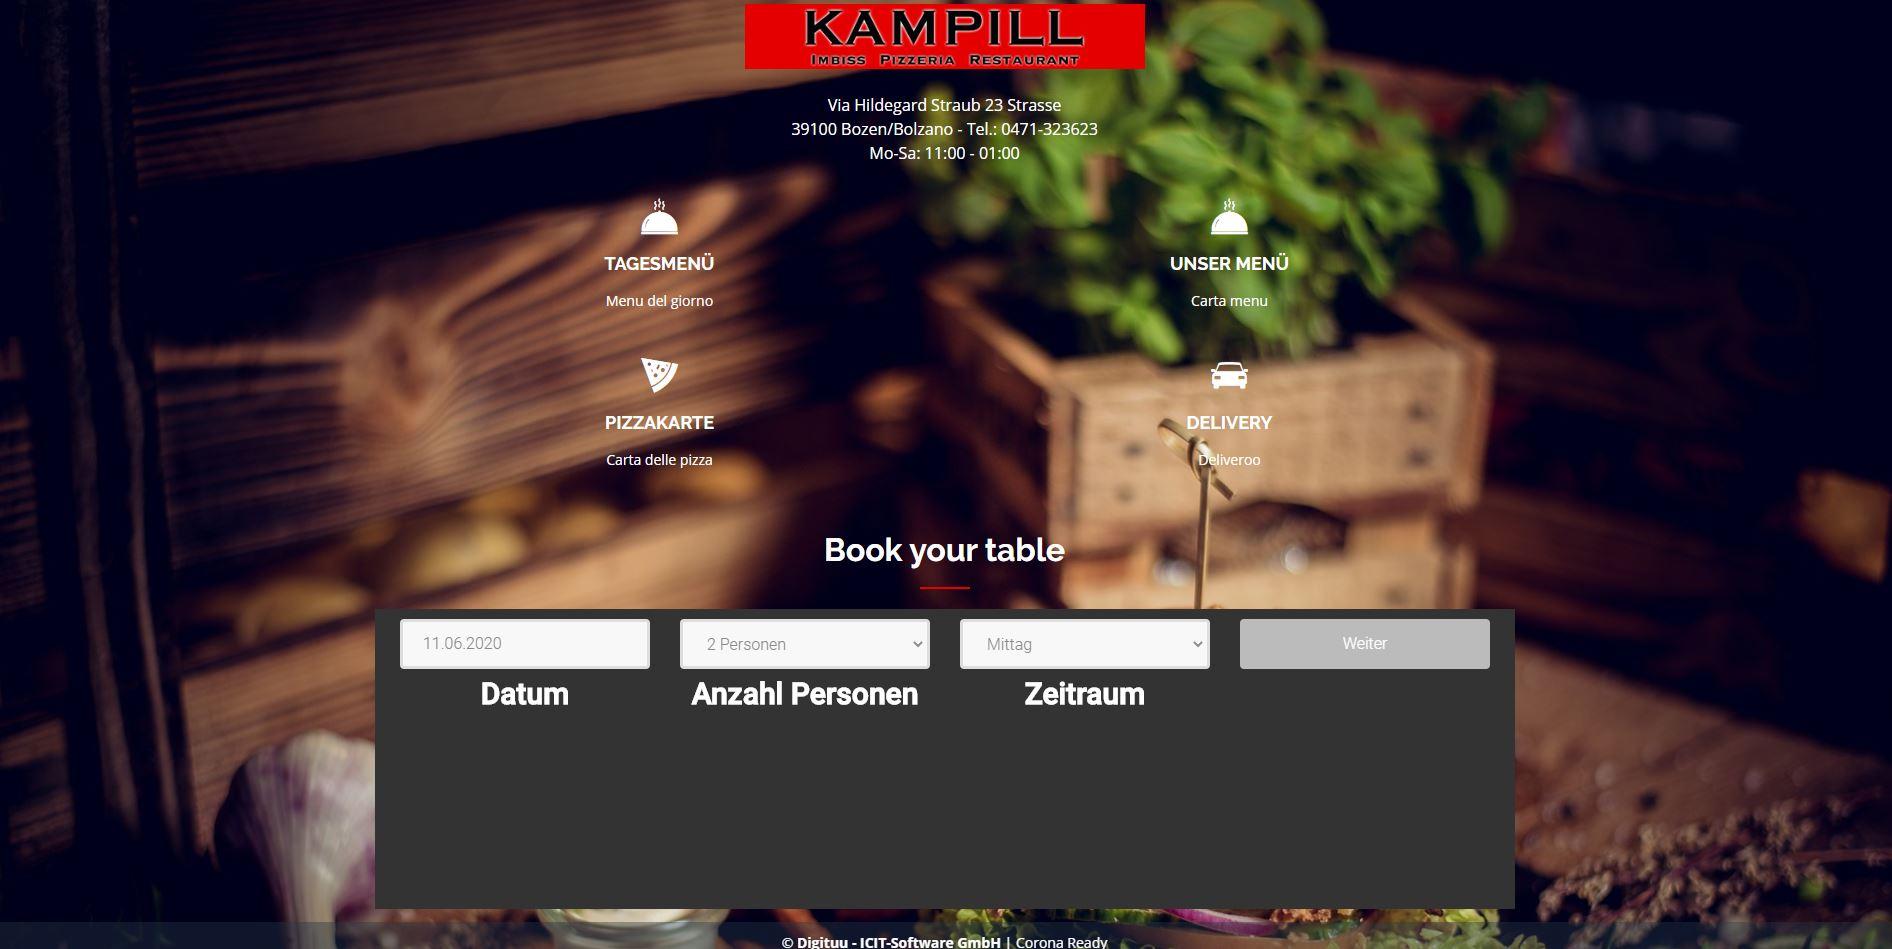 kampill